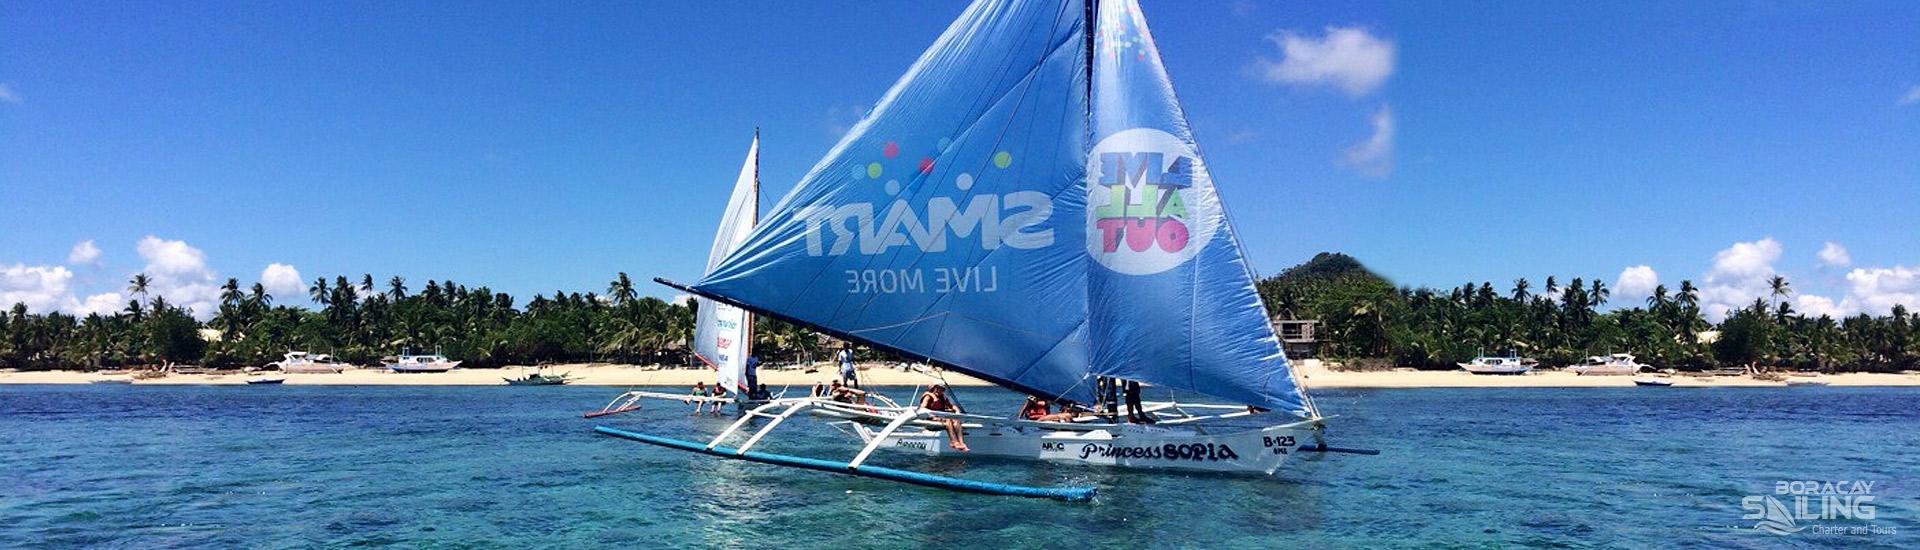 Sailboat charter Boracay | Small sailboat fleet